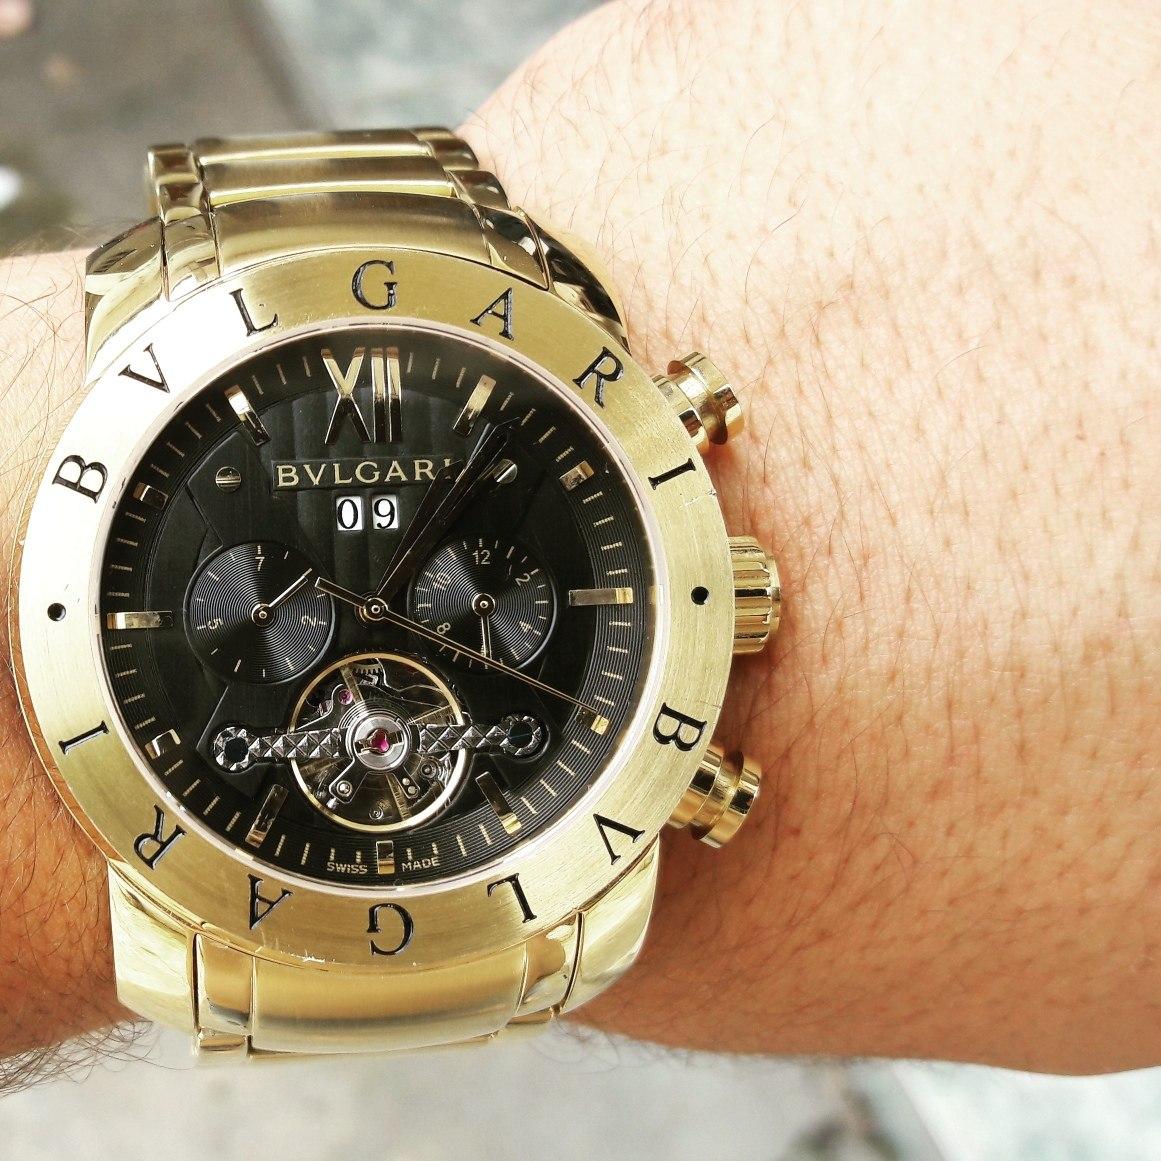 Relógio Bvlgari Iron Man Automático - R  550,00 em Mercado Livre b42e6dc1b6